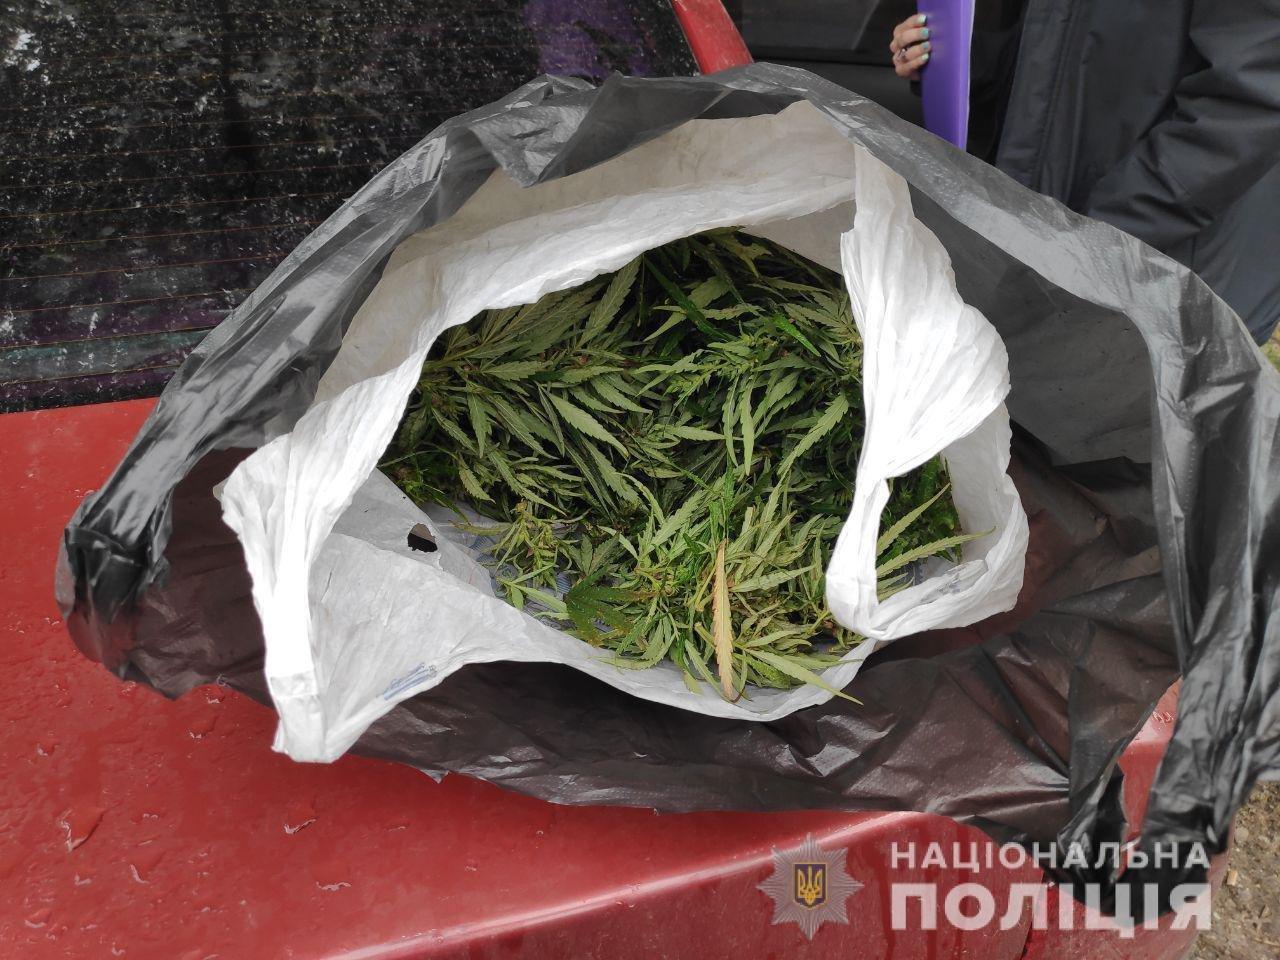 Под Днепром мужчина показал полицейским свой урожай конопли, - ФОТО, ВИДЕО, фото-3